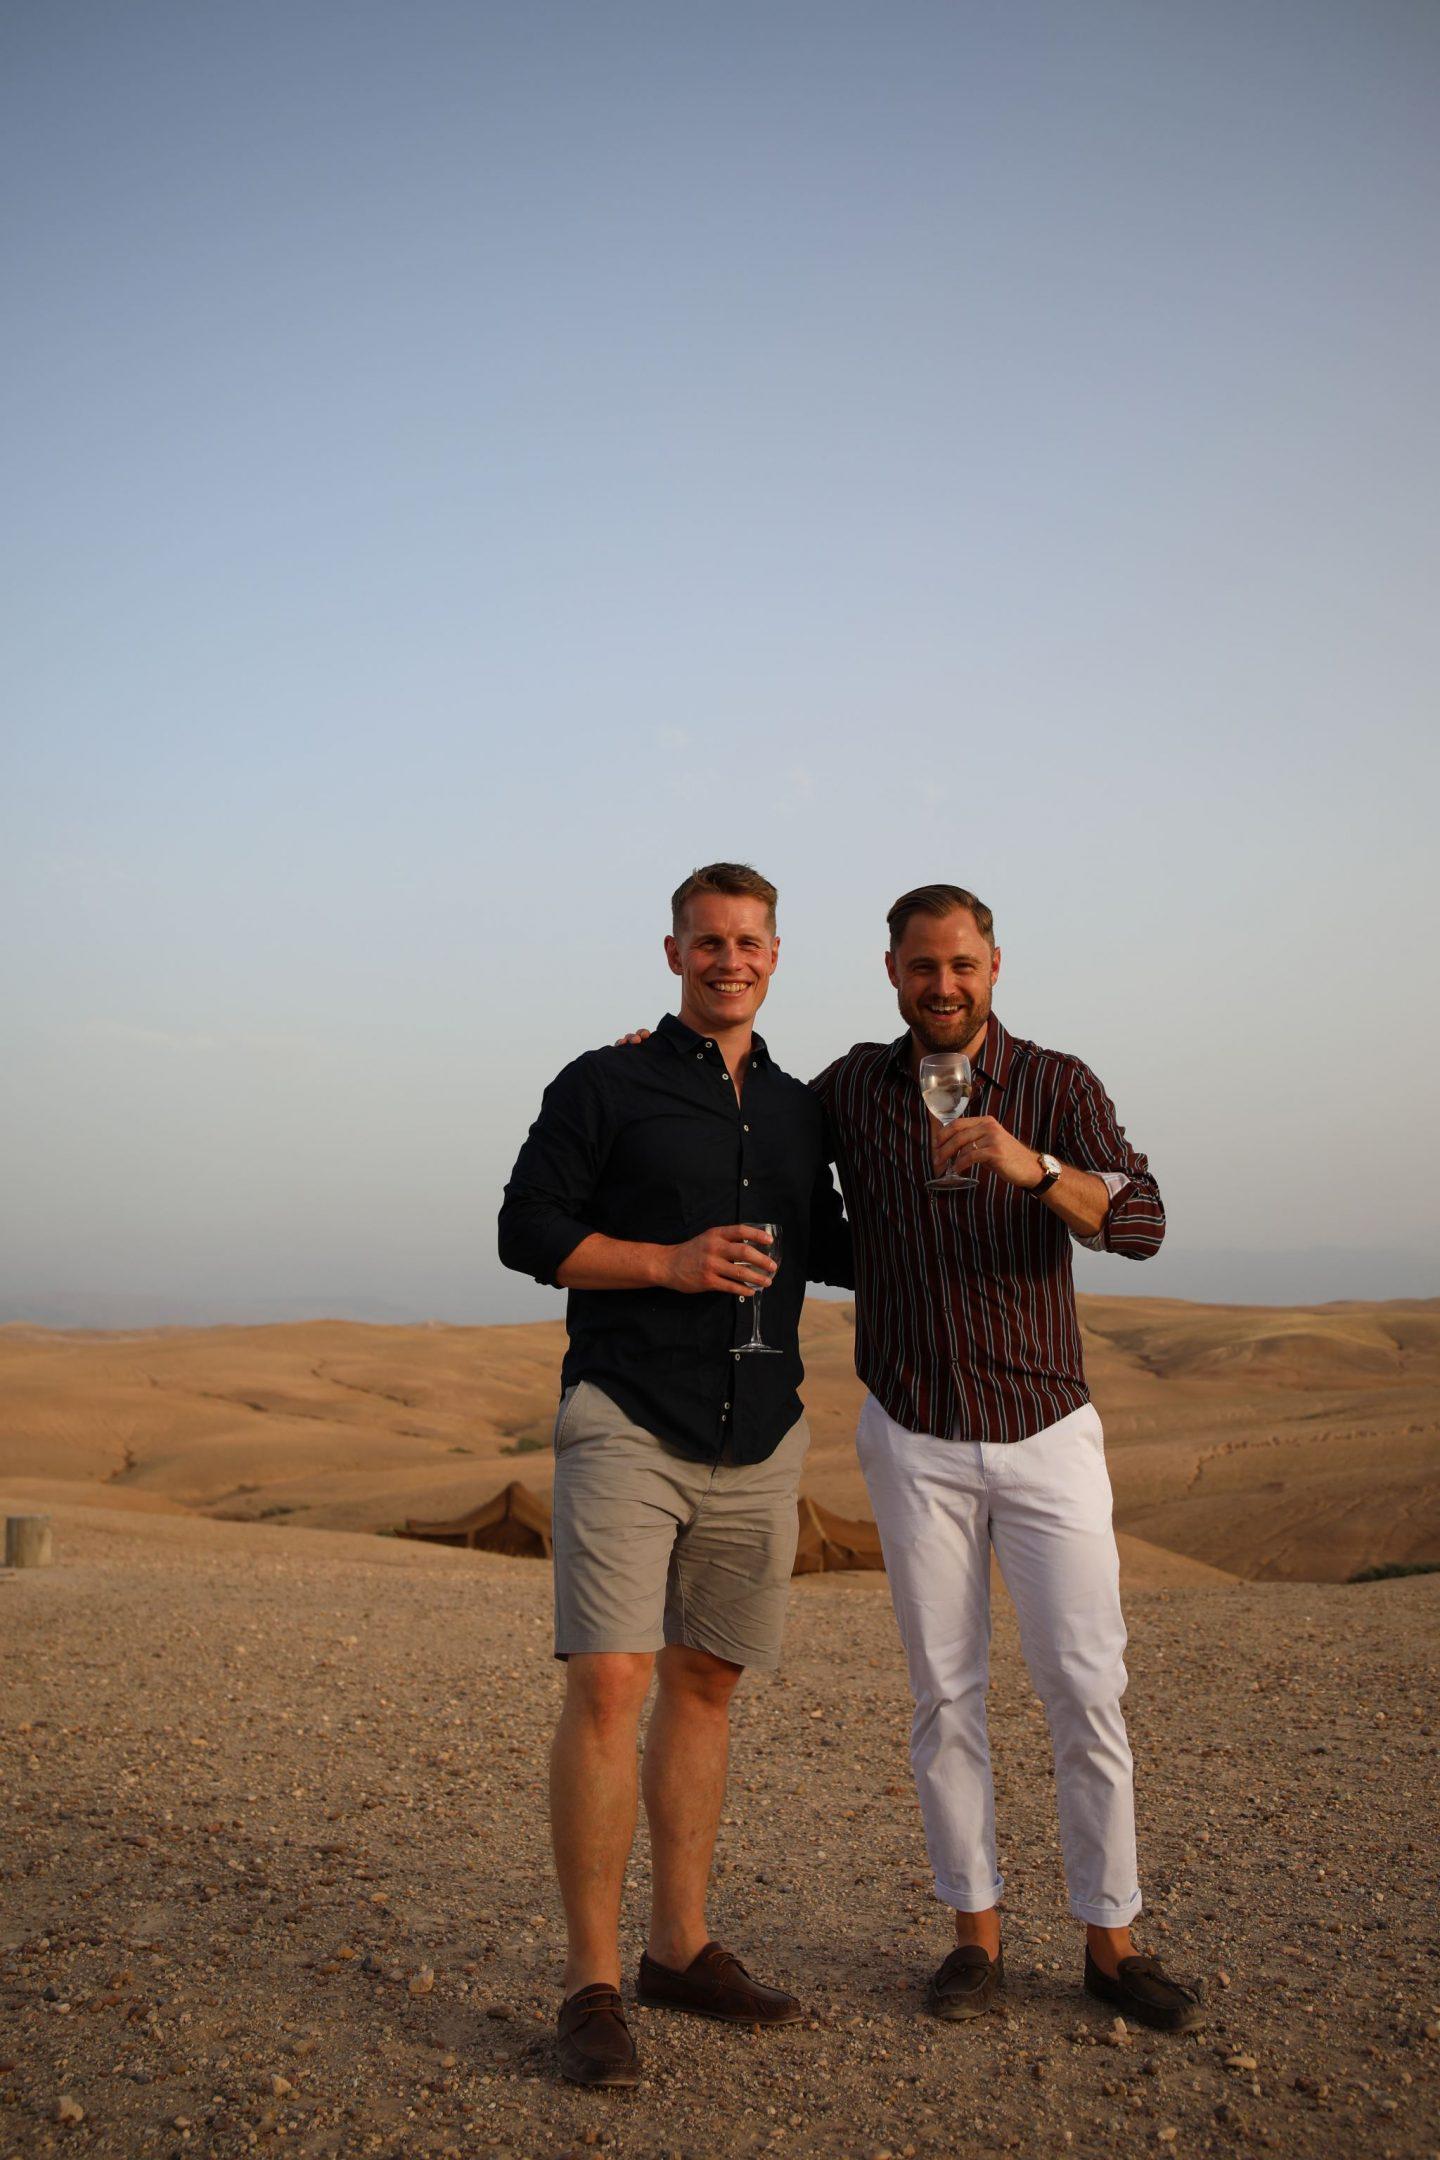 Katie KALANCHOE, Marrakech, Scarabeo Desert Camp, Ben Heath, Tom yellowlees